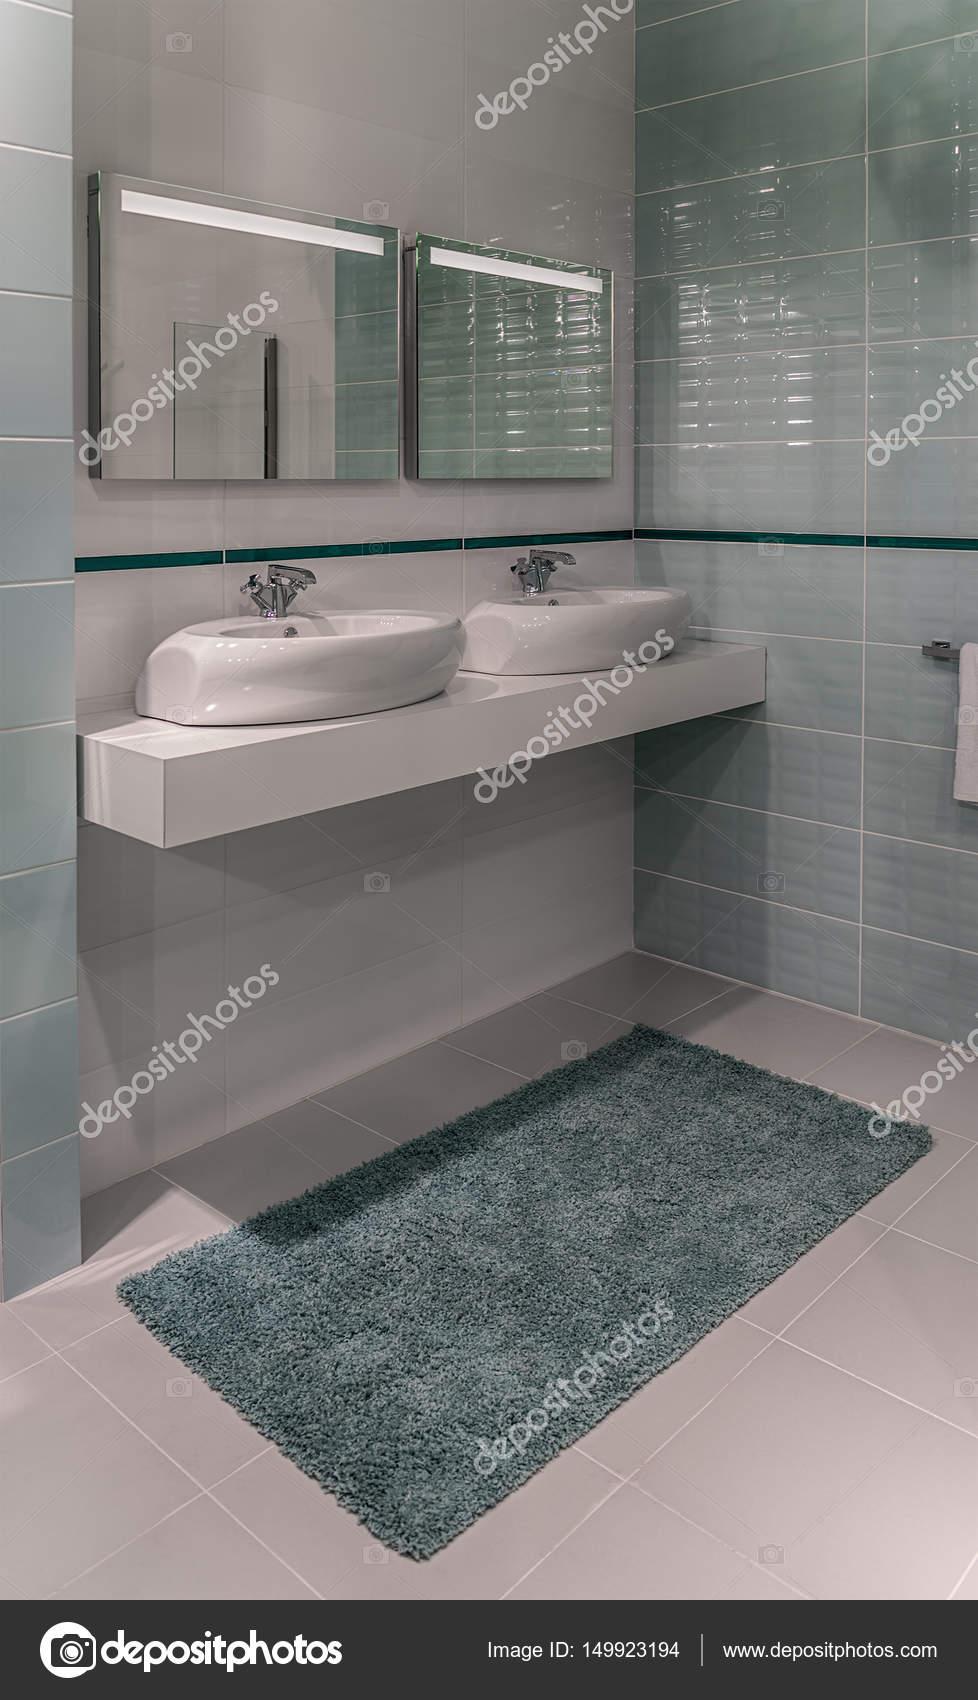 Dos lavabos, espejos y una alfombra en el cuarto de aseo con ...